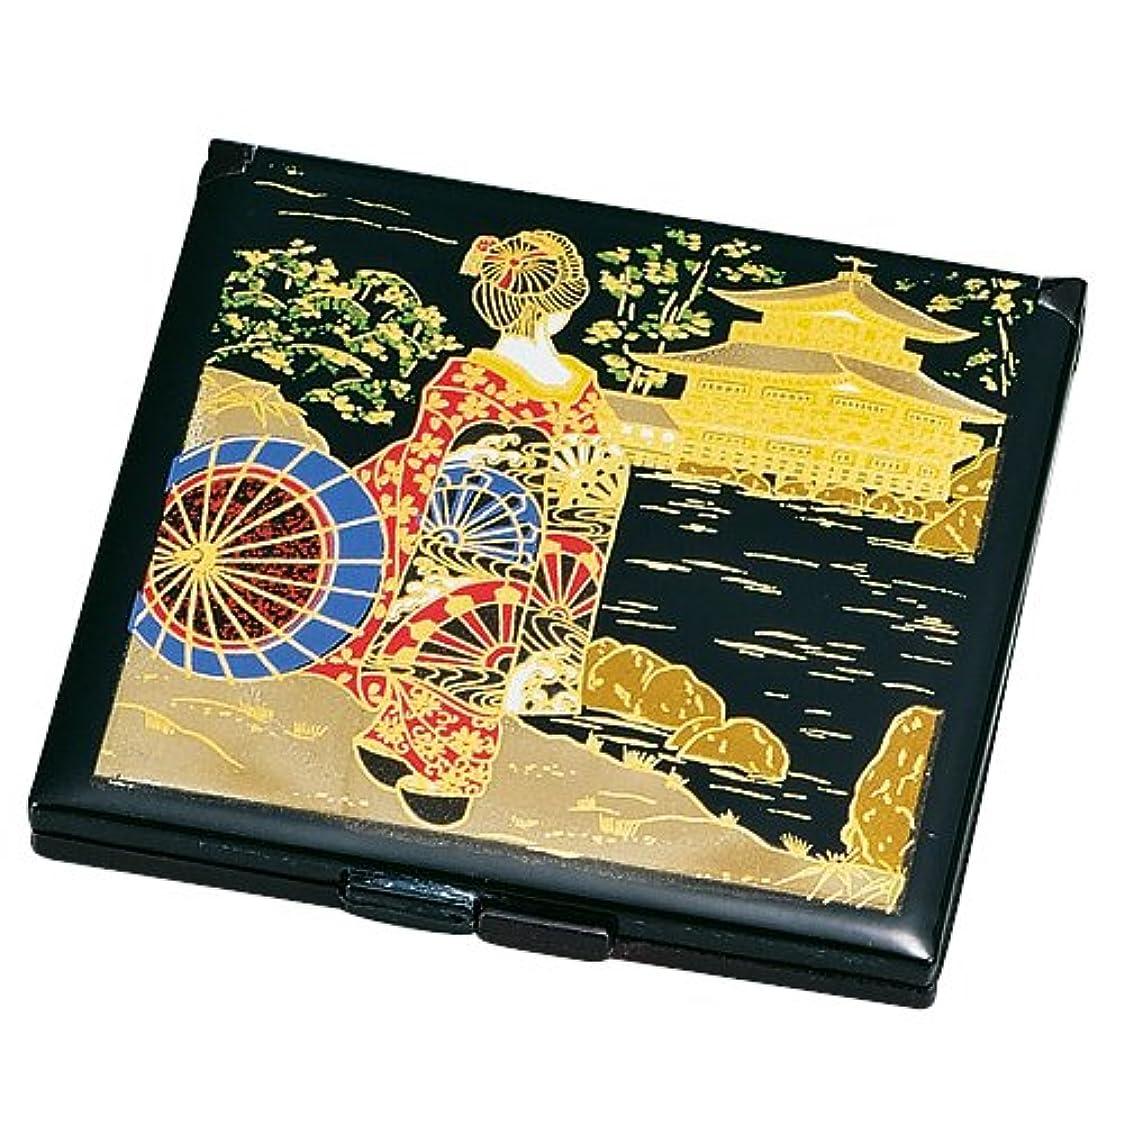 アスレチック意識シングル中谷兄弟商会 山中漆器 コンパクトミラー 黒 舞妓33-0207